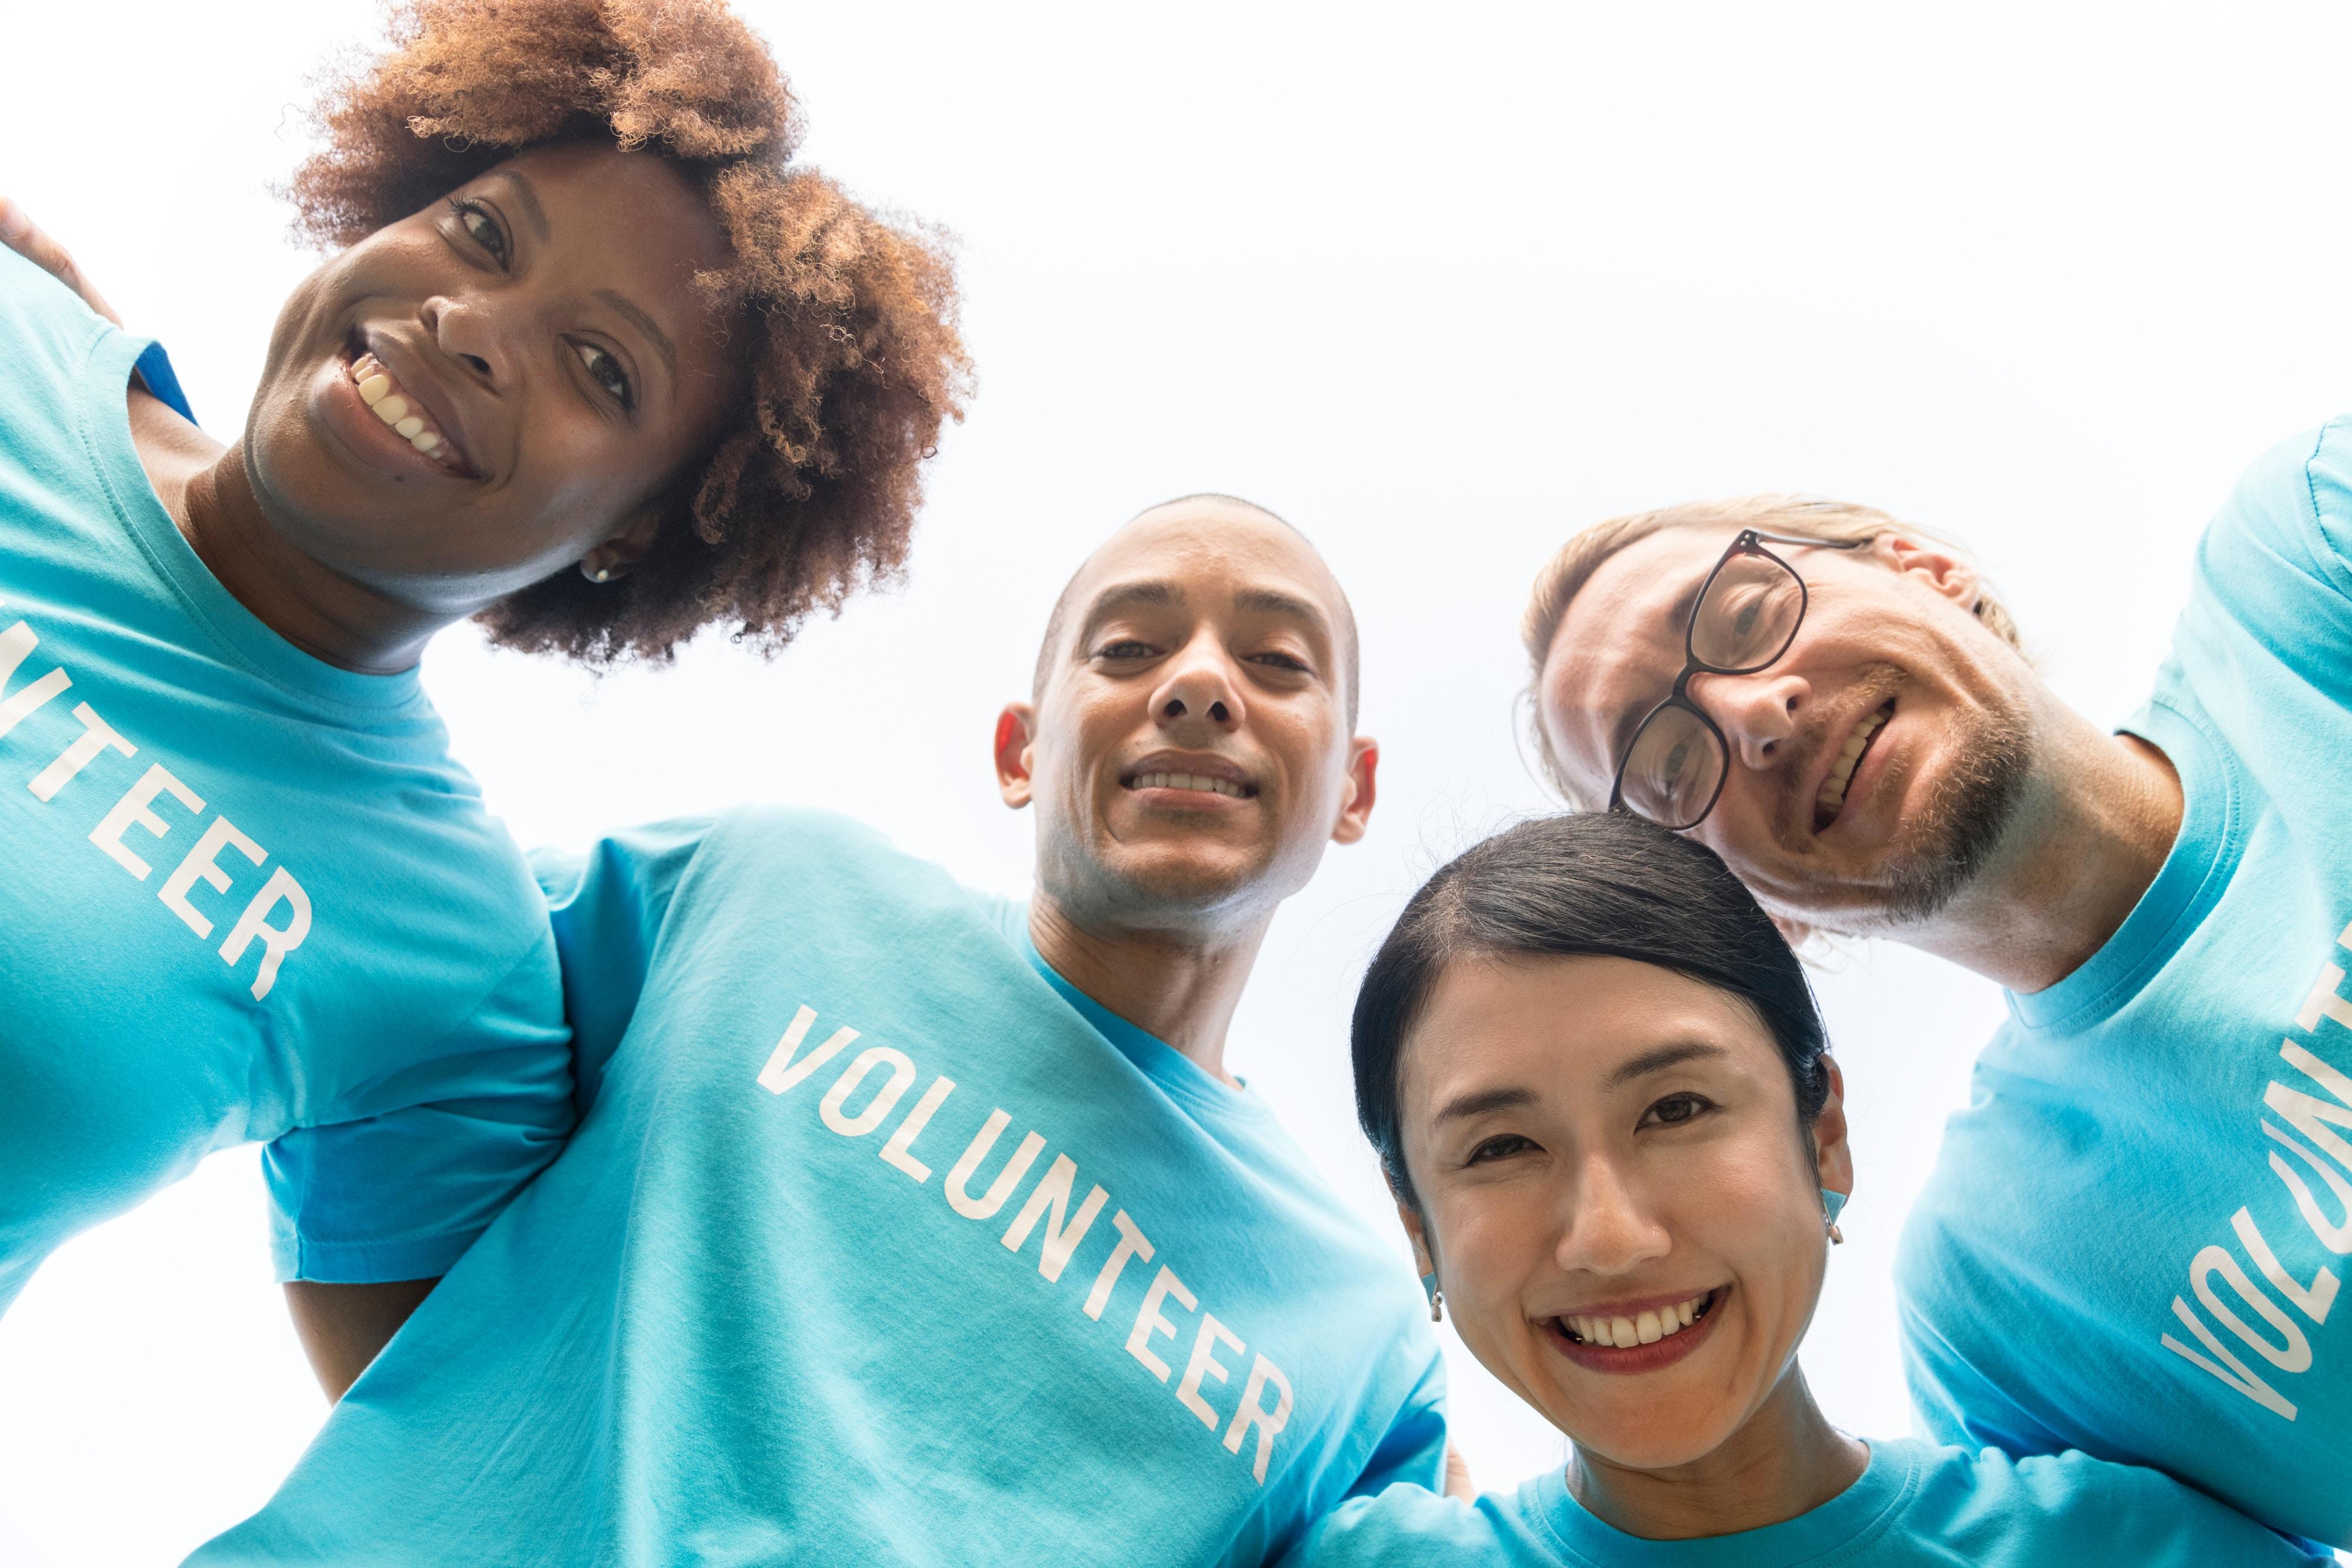 5 lý do để nên tham gia một câu lạc bộ hay tổ chức tình nguyện thời đại học